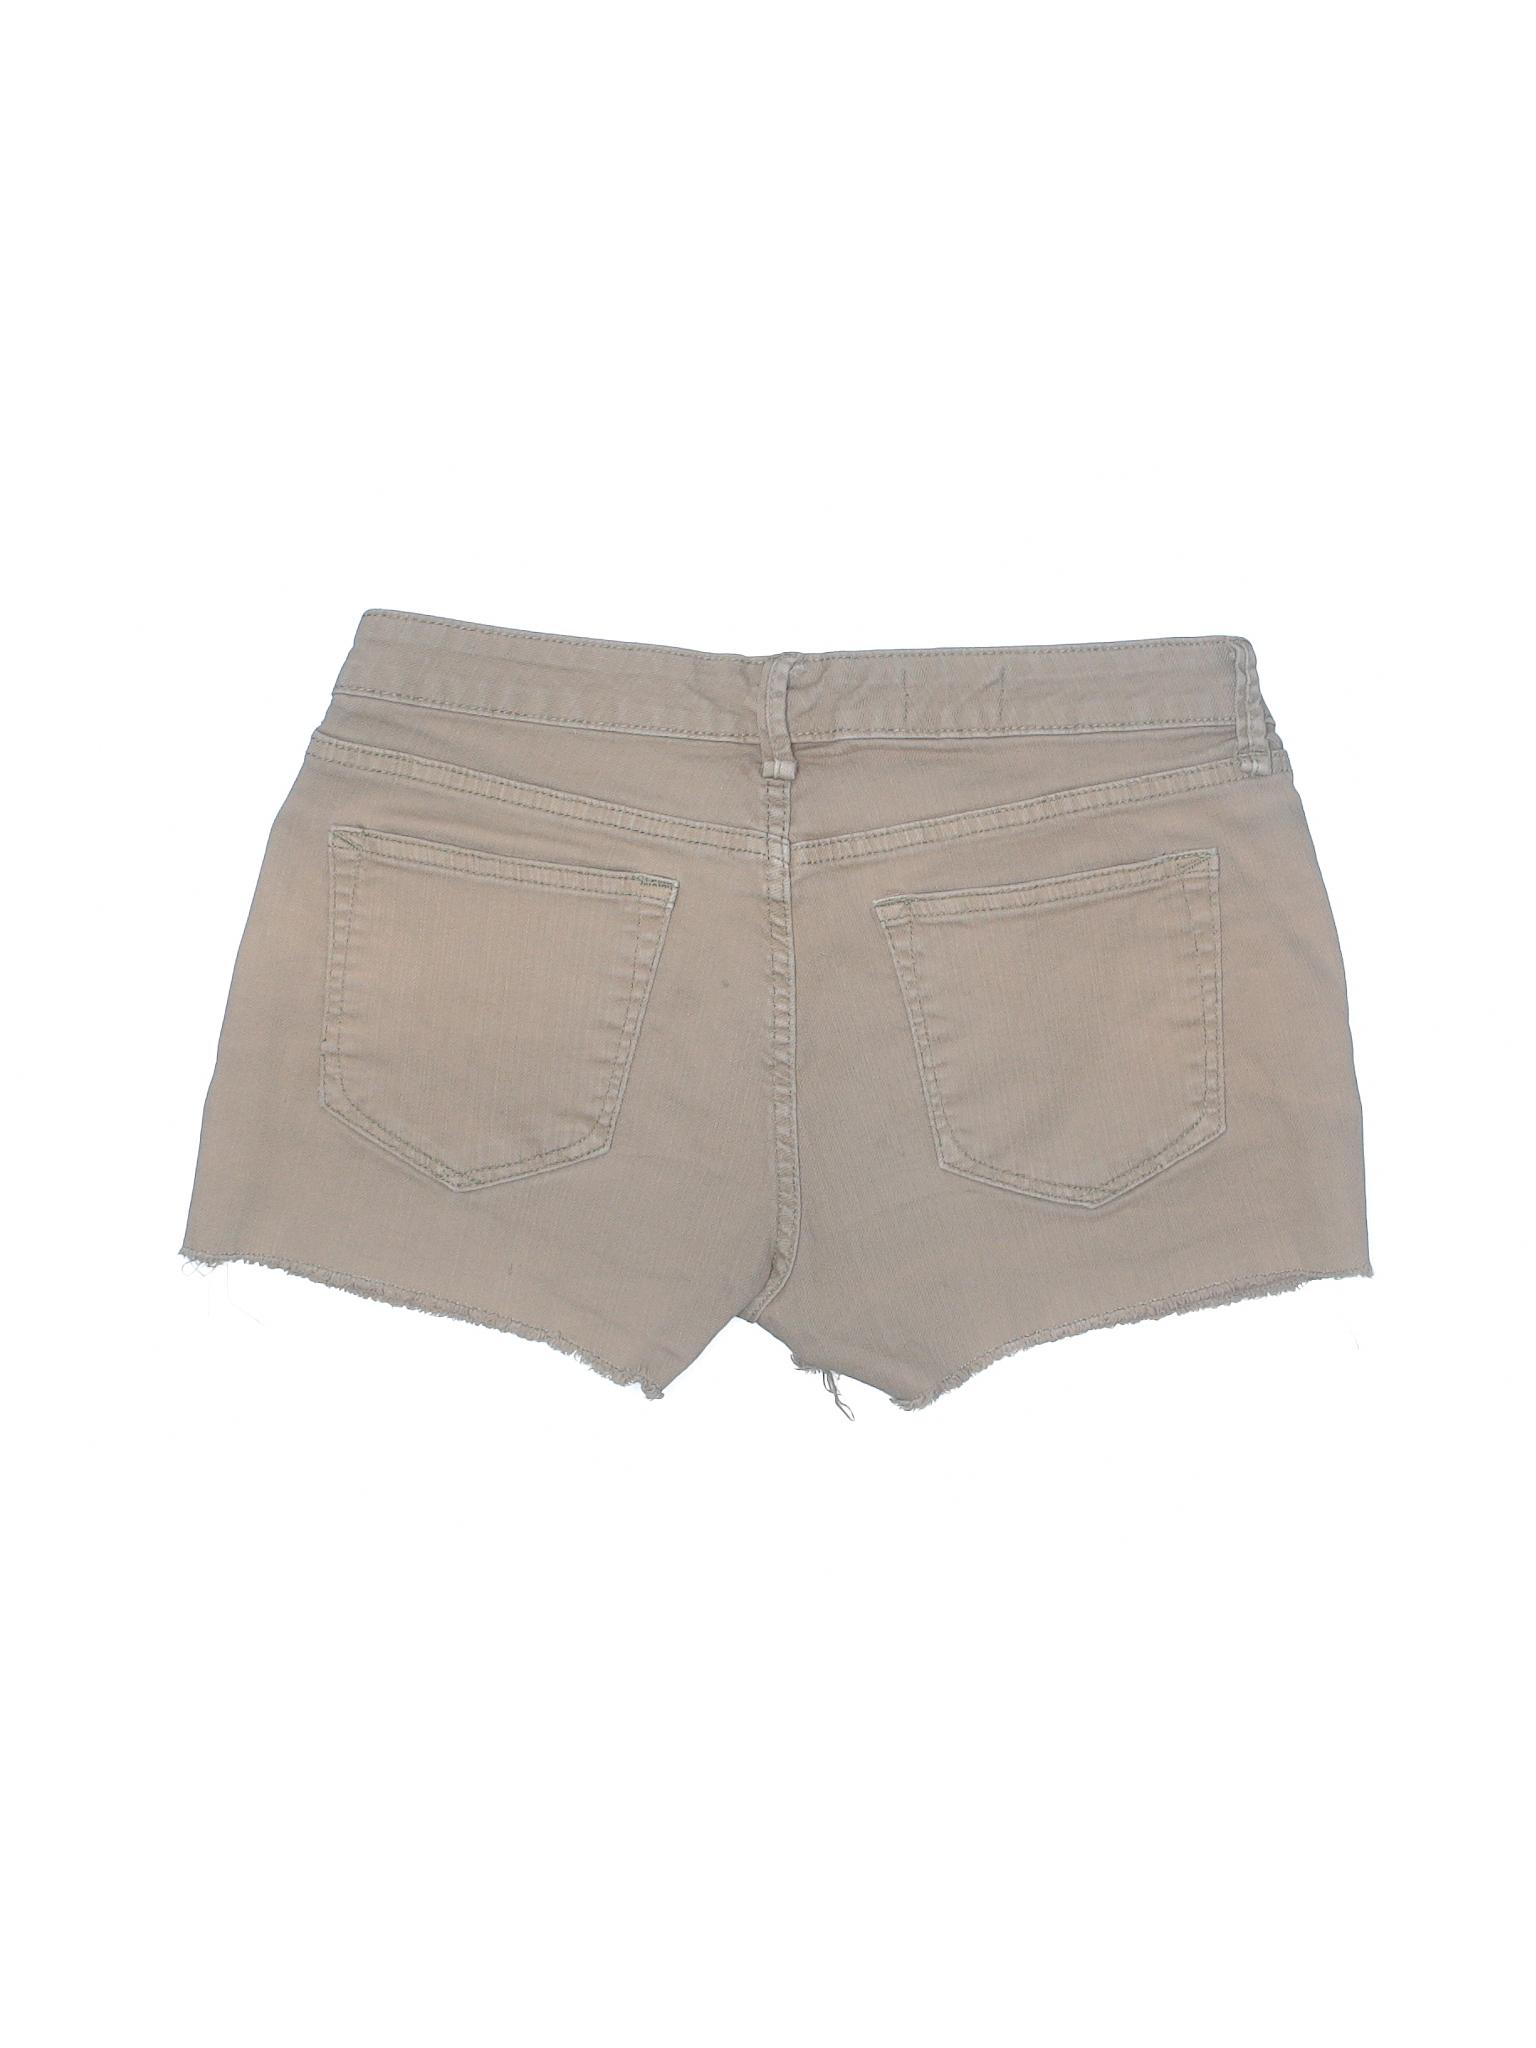 Shorts Boutique Boutique Gap Denim Gap Denim gFqFXxn0